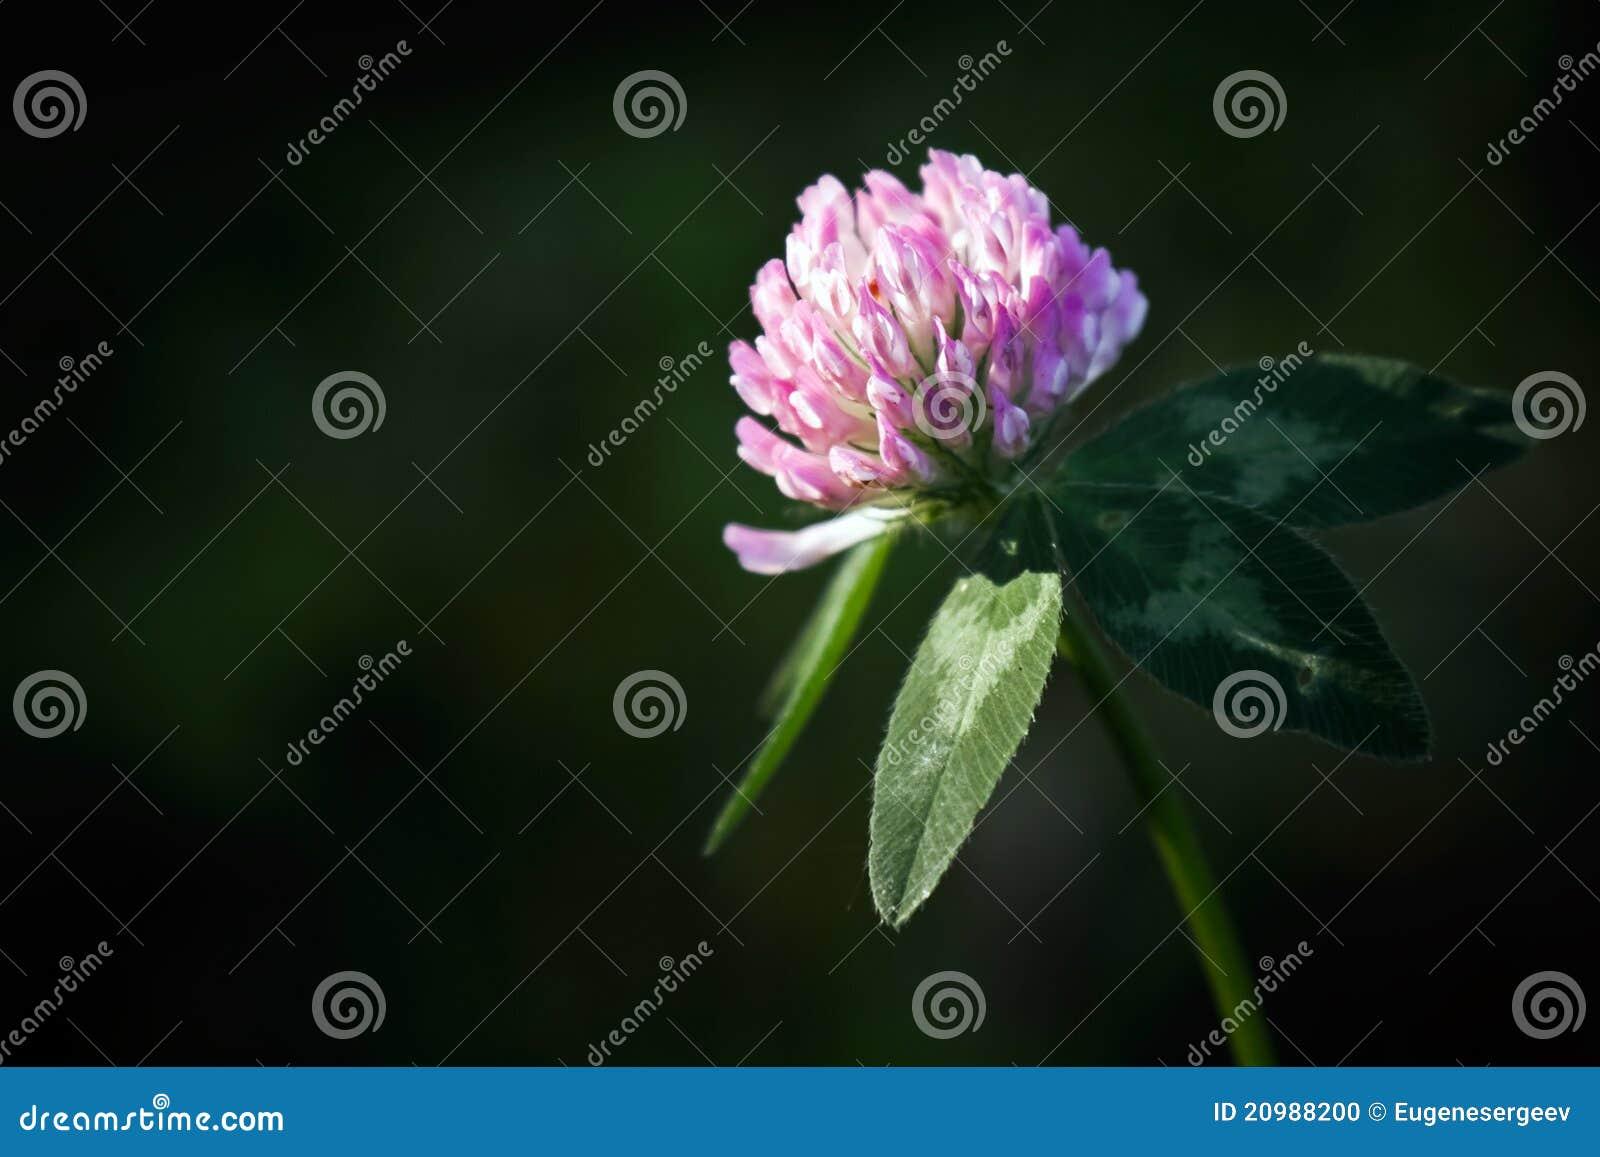 Trefle Rouge De Fleur Photo Stock Image Du Pois Exterieur 20988200